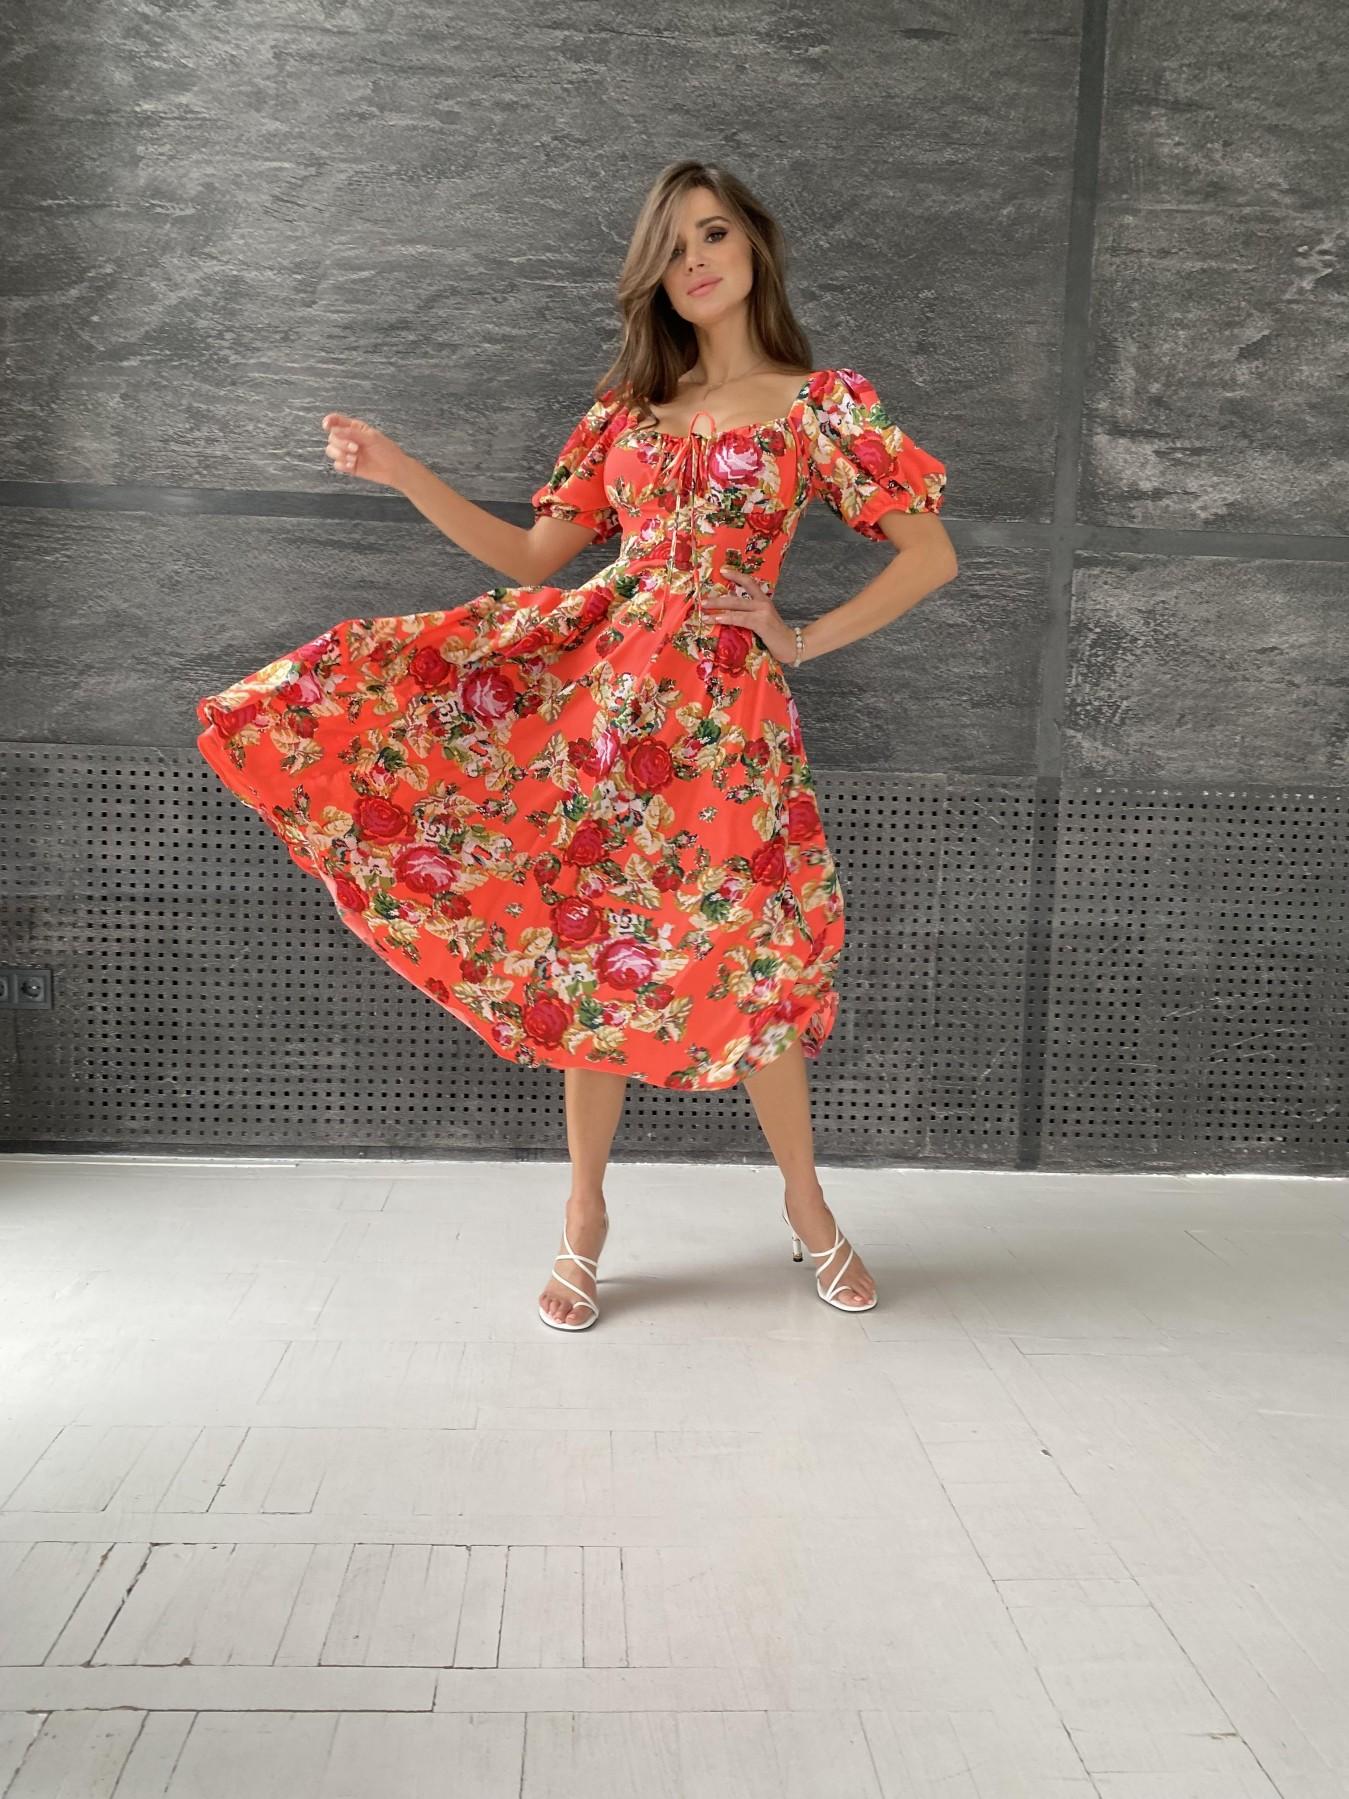 Кисес Миди платье из креп шифона в принт 11575 АРТ. 48316 Цвет: Коралл вышивка 4 - фото 4, интернет магазин tm-modus.ru